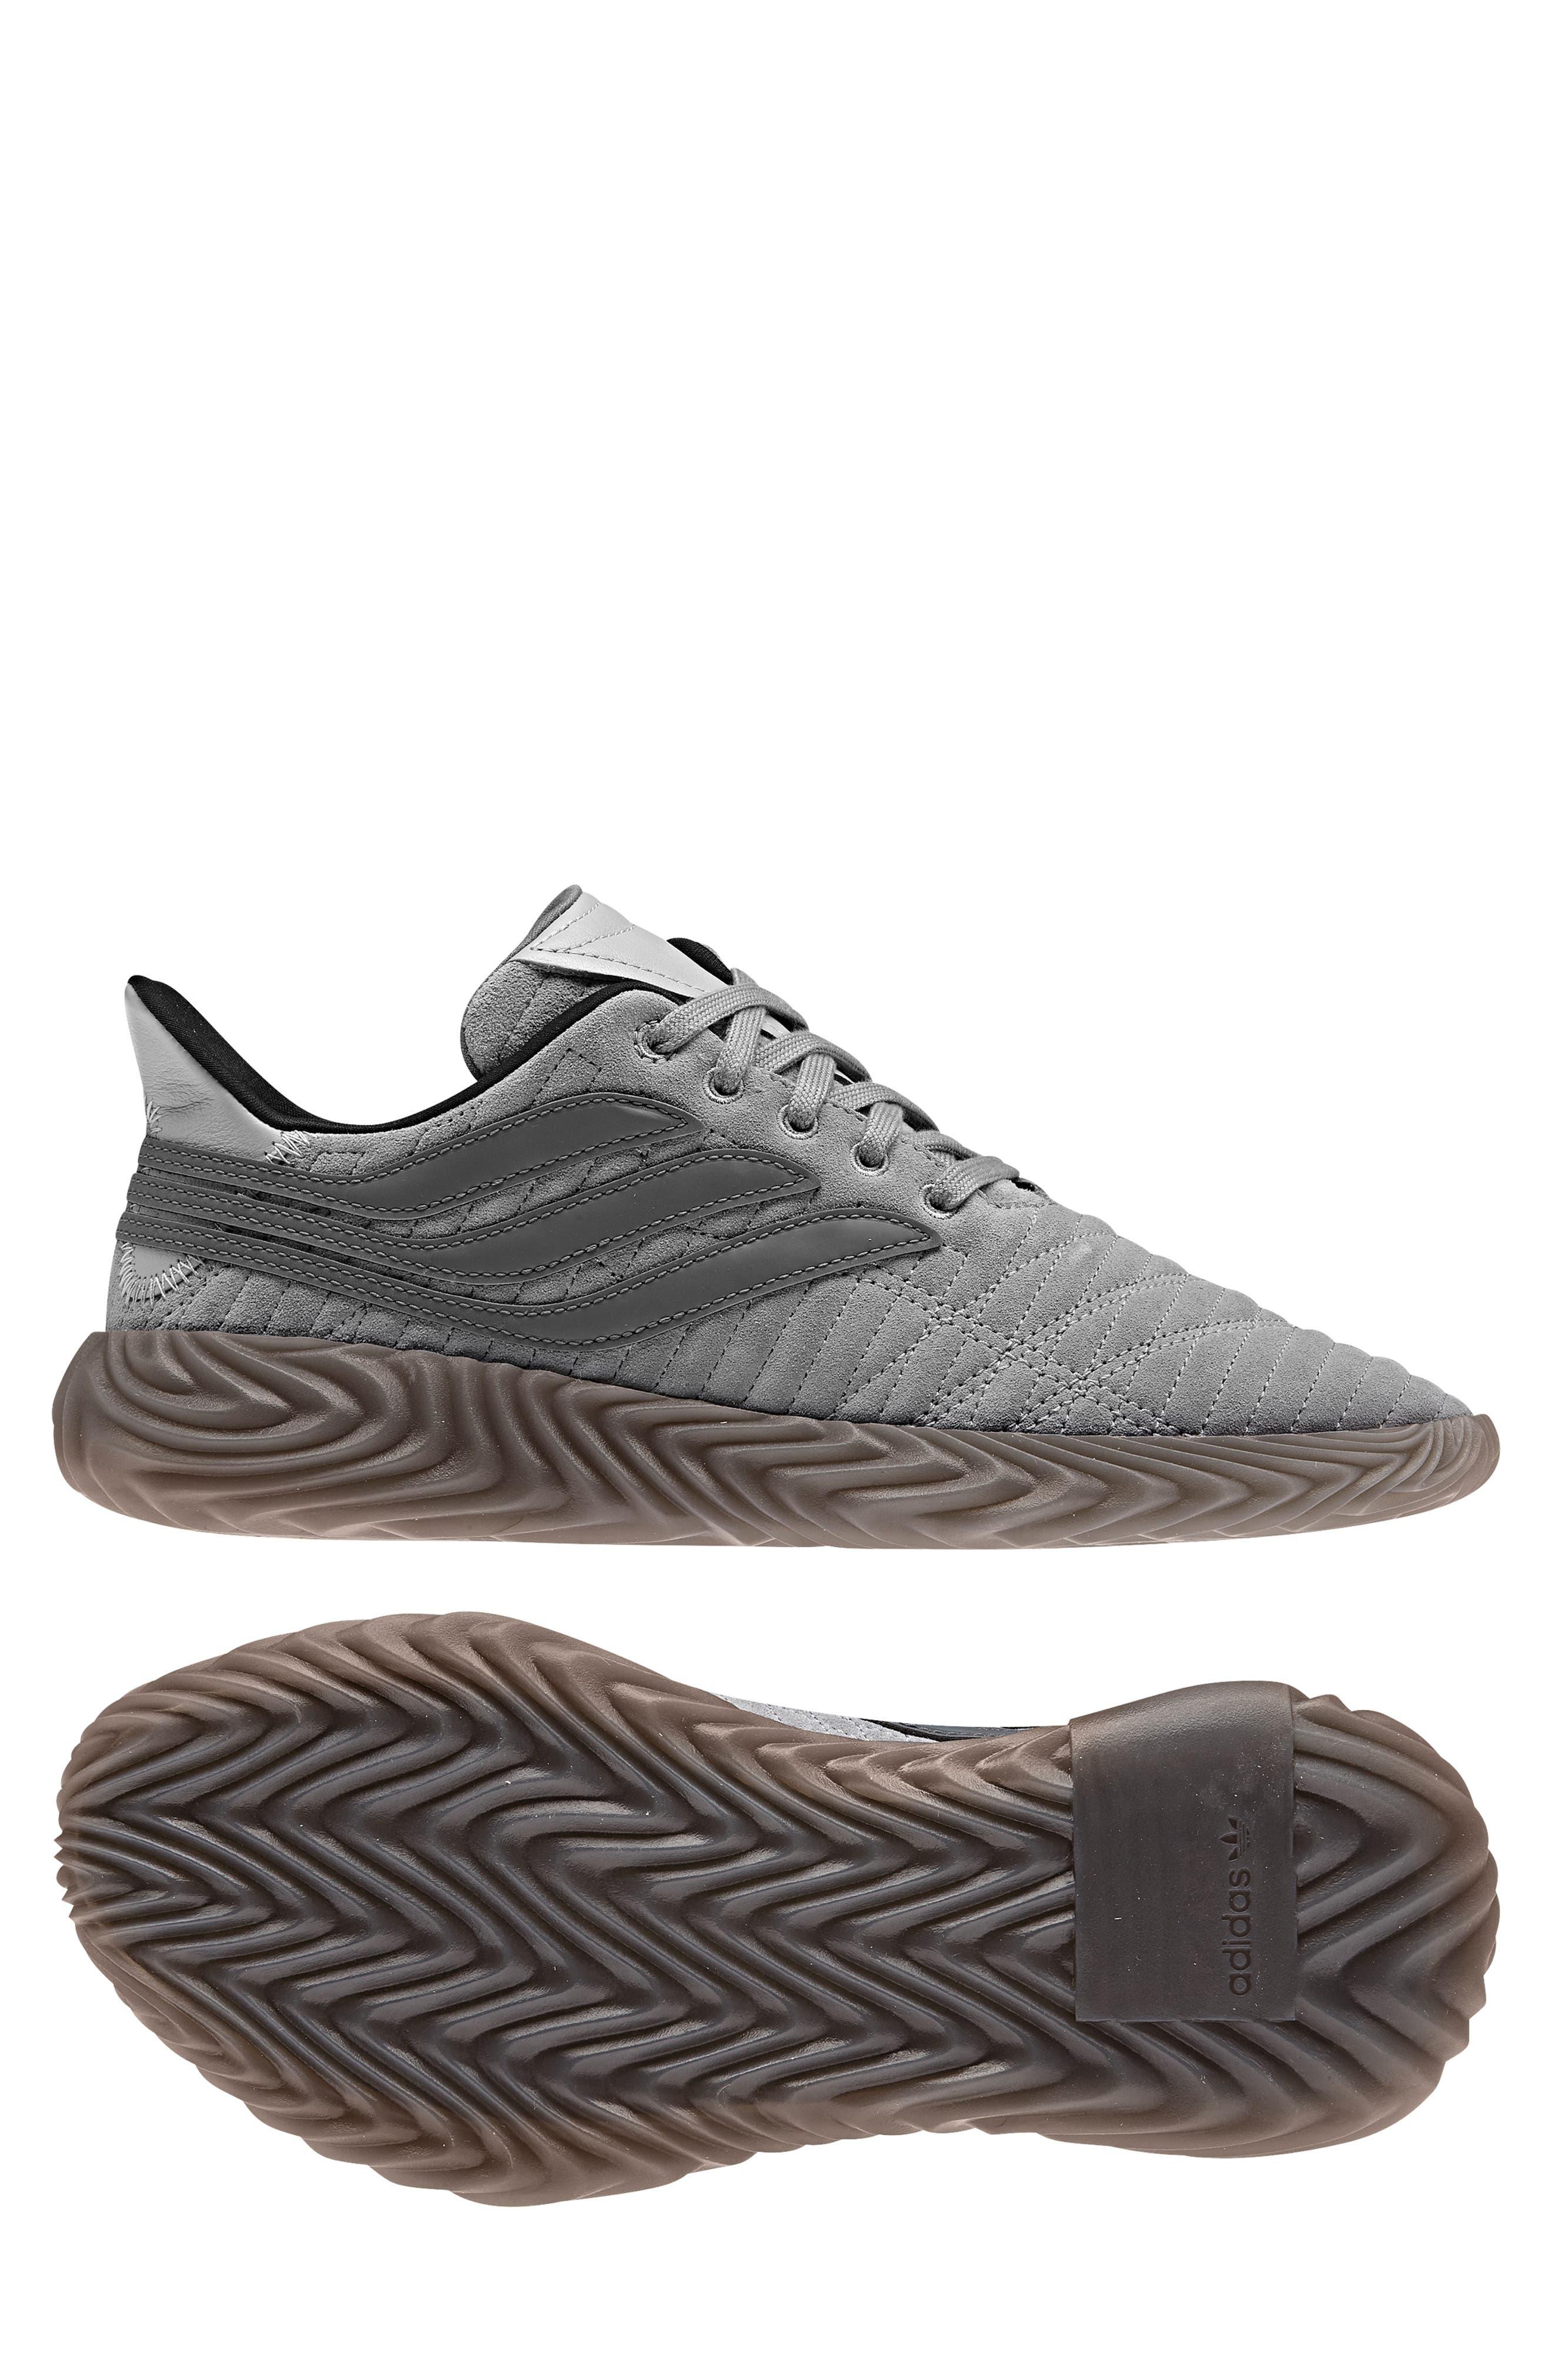 Sobakov Sneaker,                             Alternate thumbnail 9, color,                             GREY/ GREY